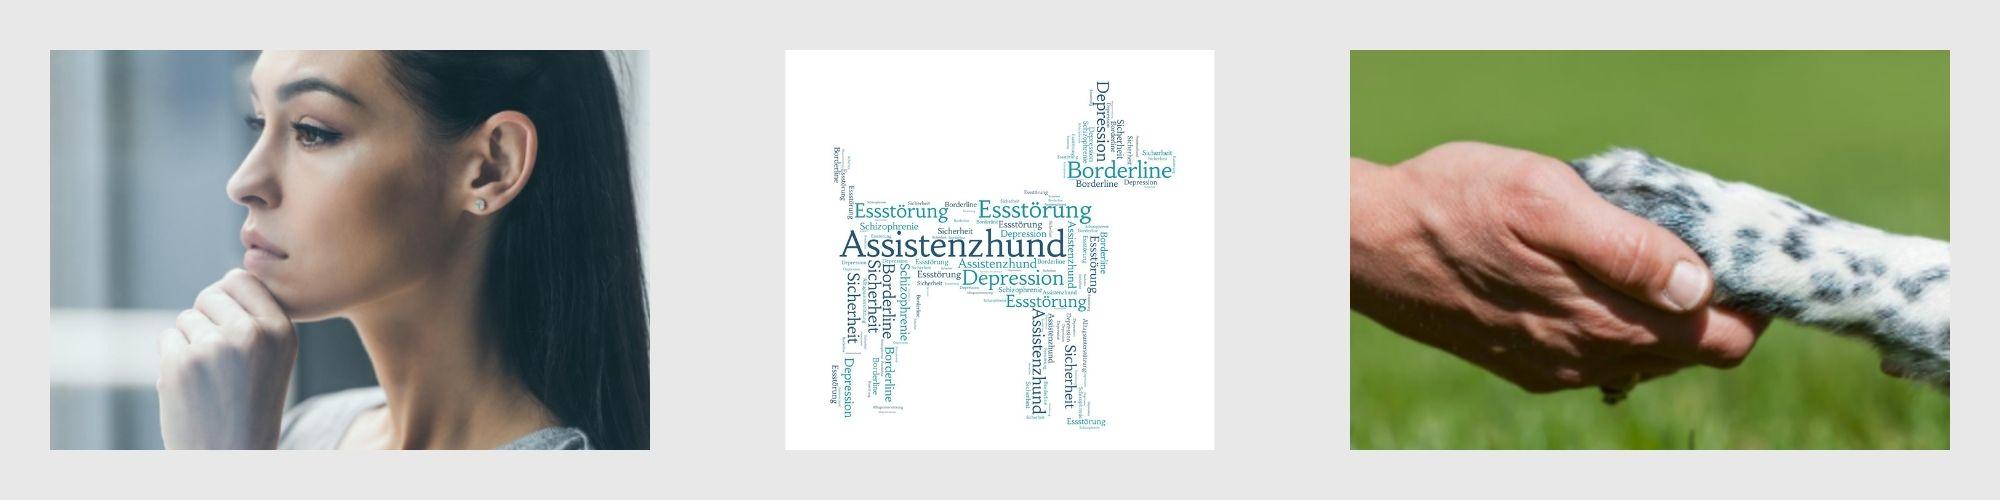 Ausbildung zum Assistenzhund bei psychischen Erkrankungen Lernpfote e. V.